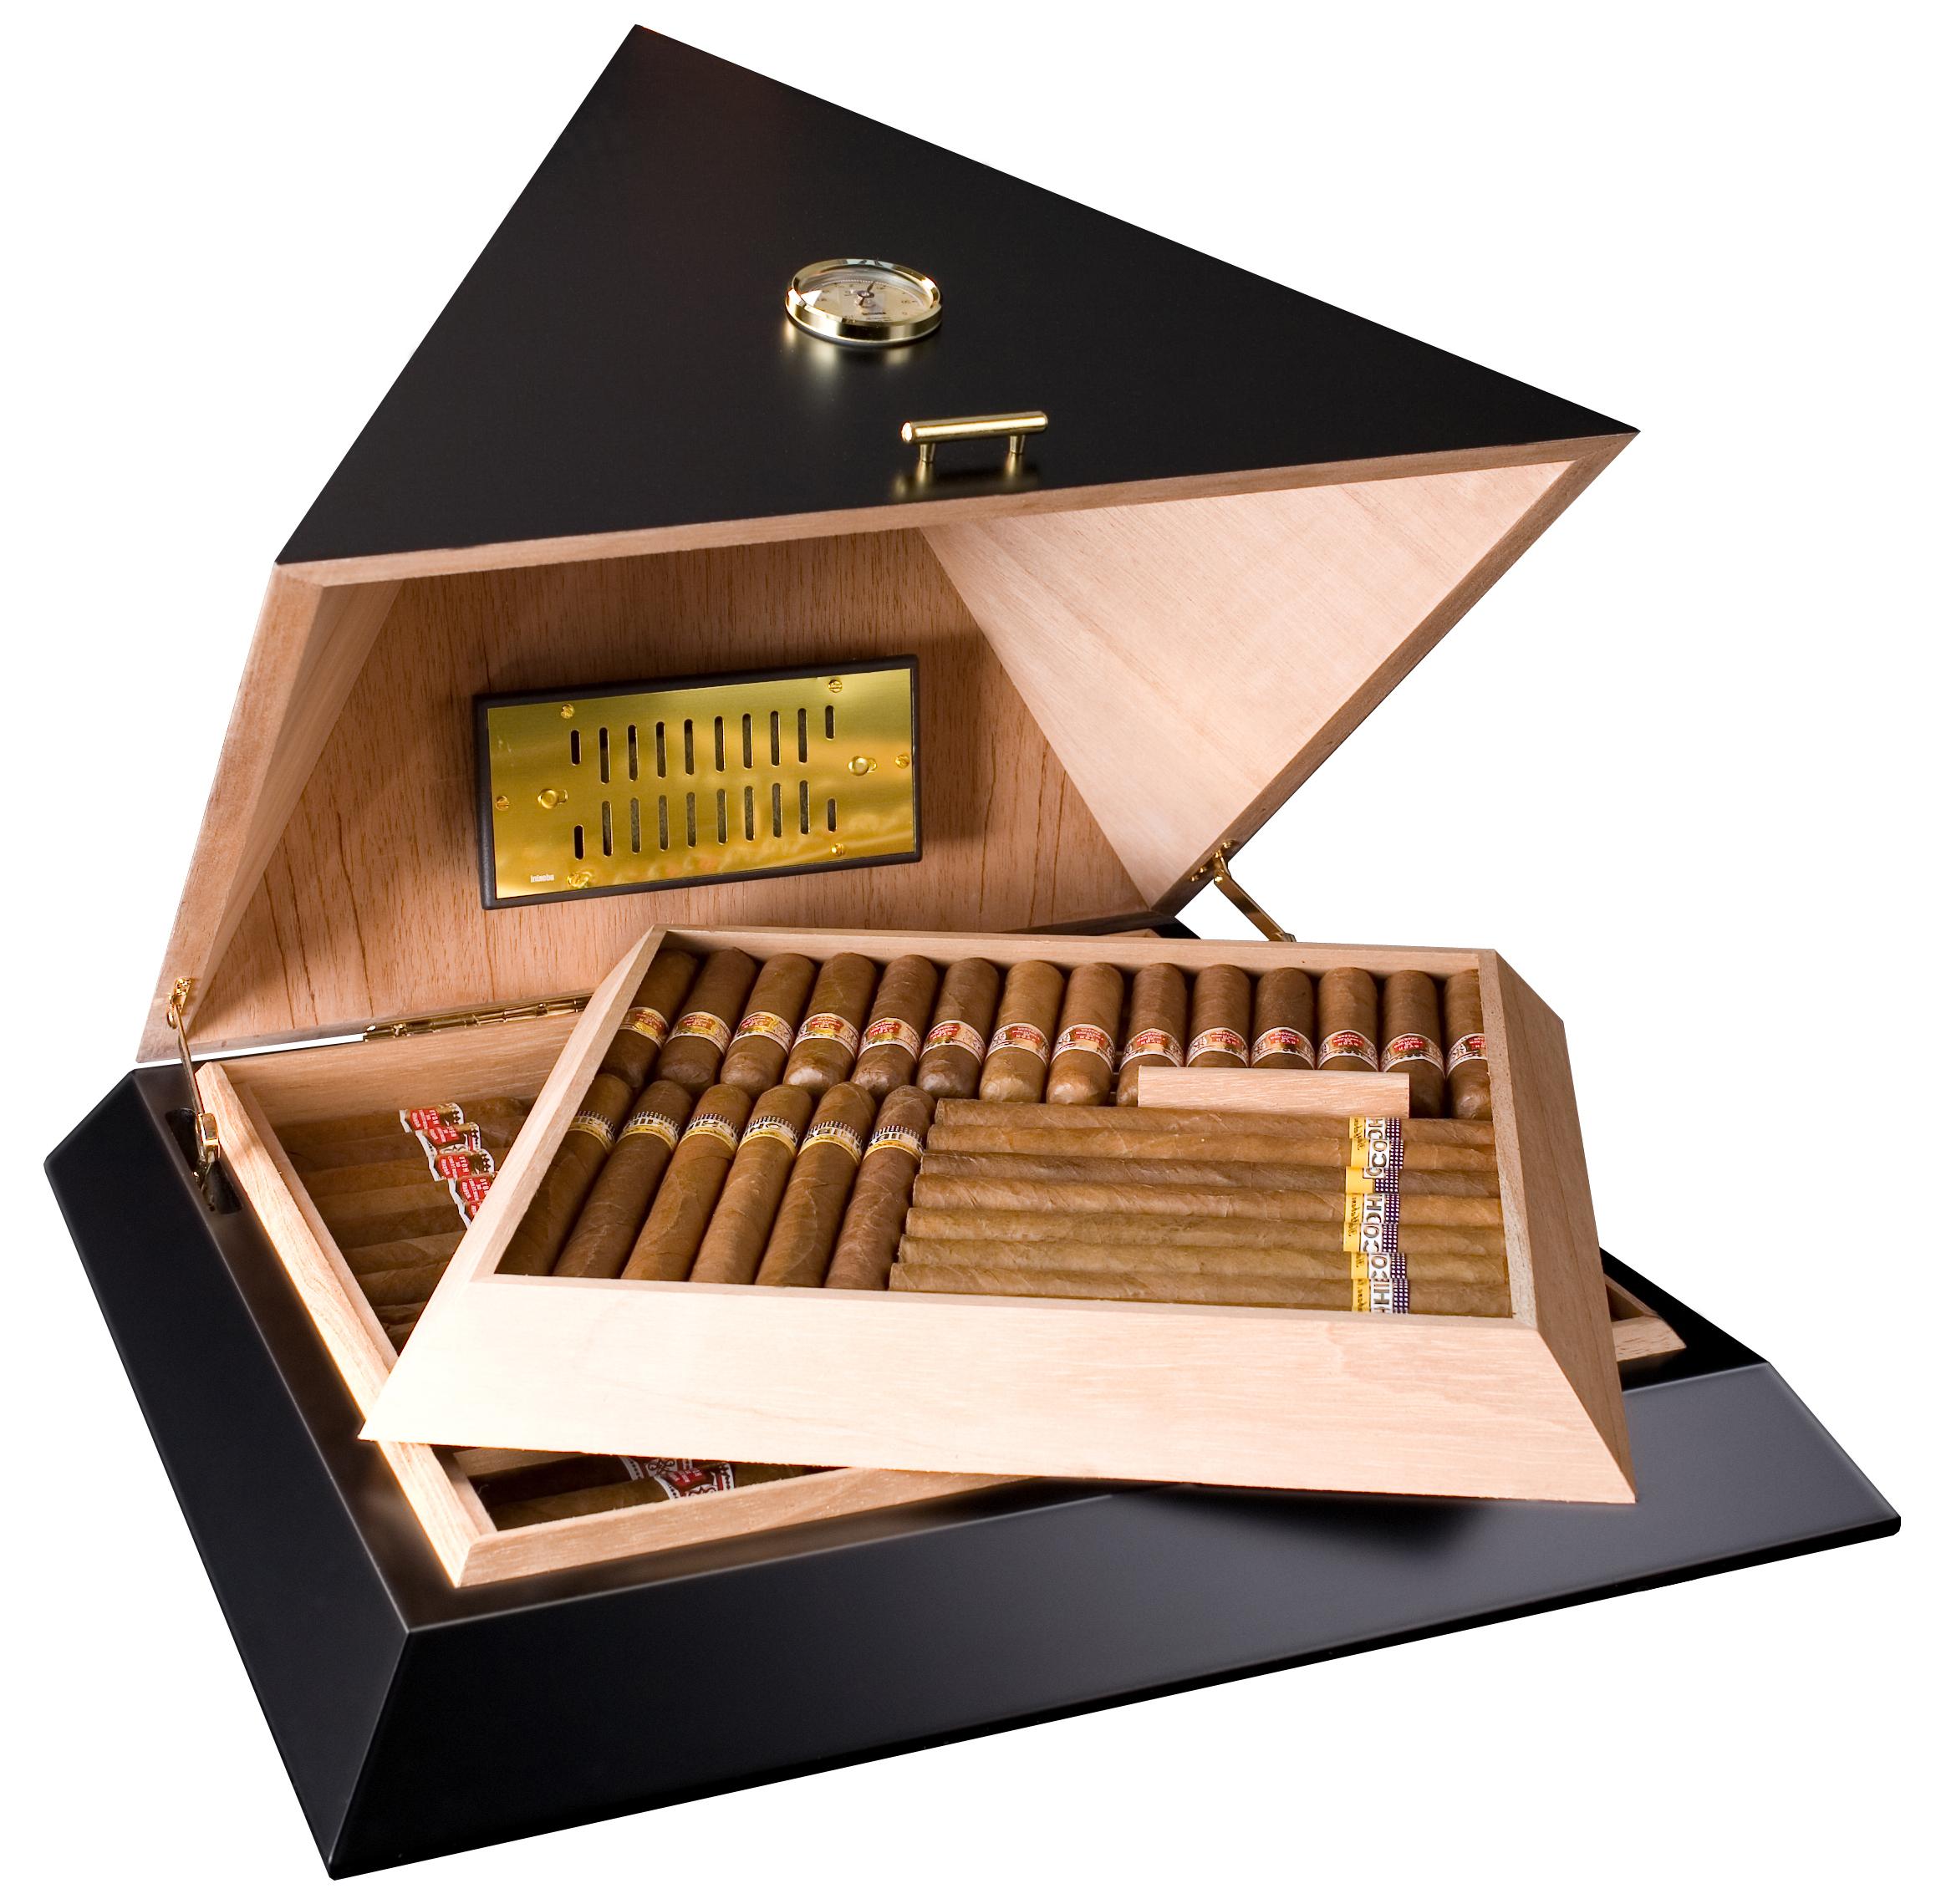 tout savoir sur les caves cigares par ma cave vin. Black Bedroom Furniture Sets. Home Design Ideas